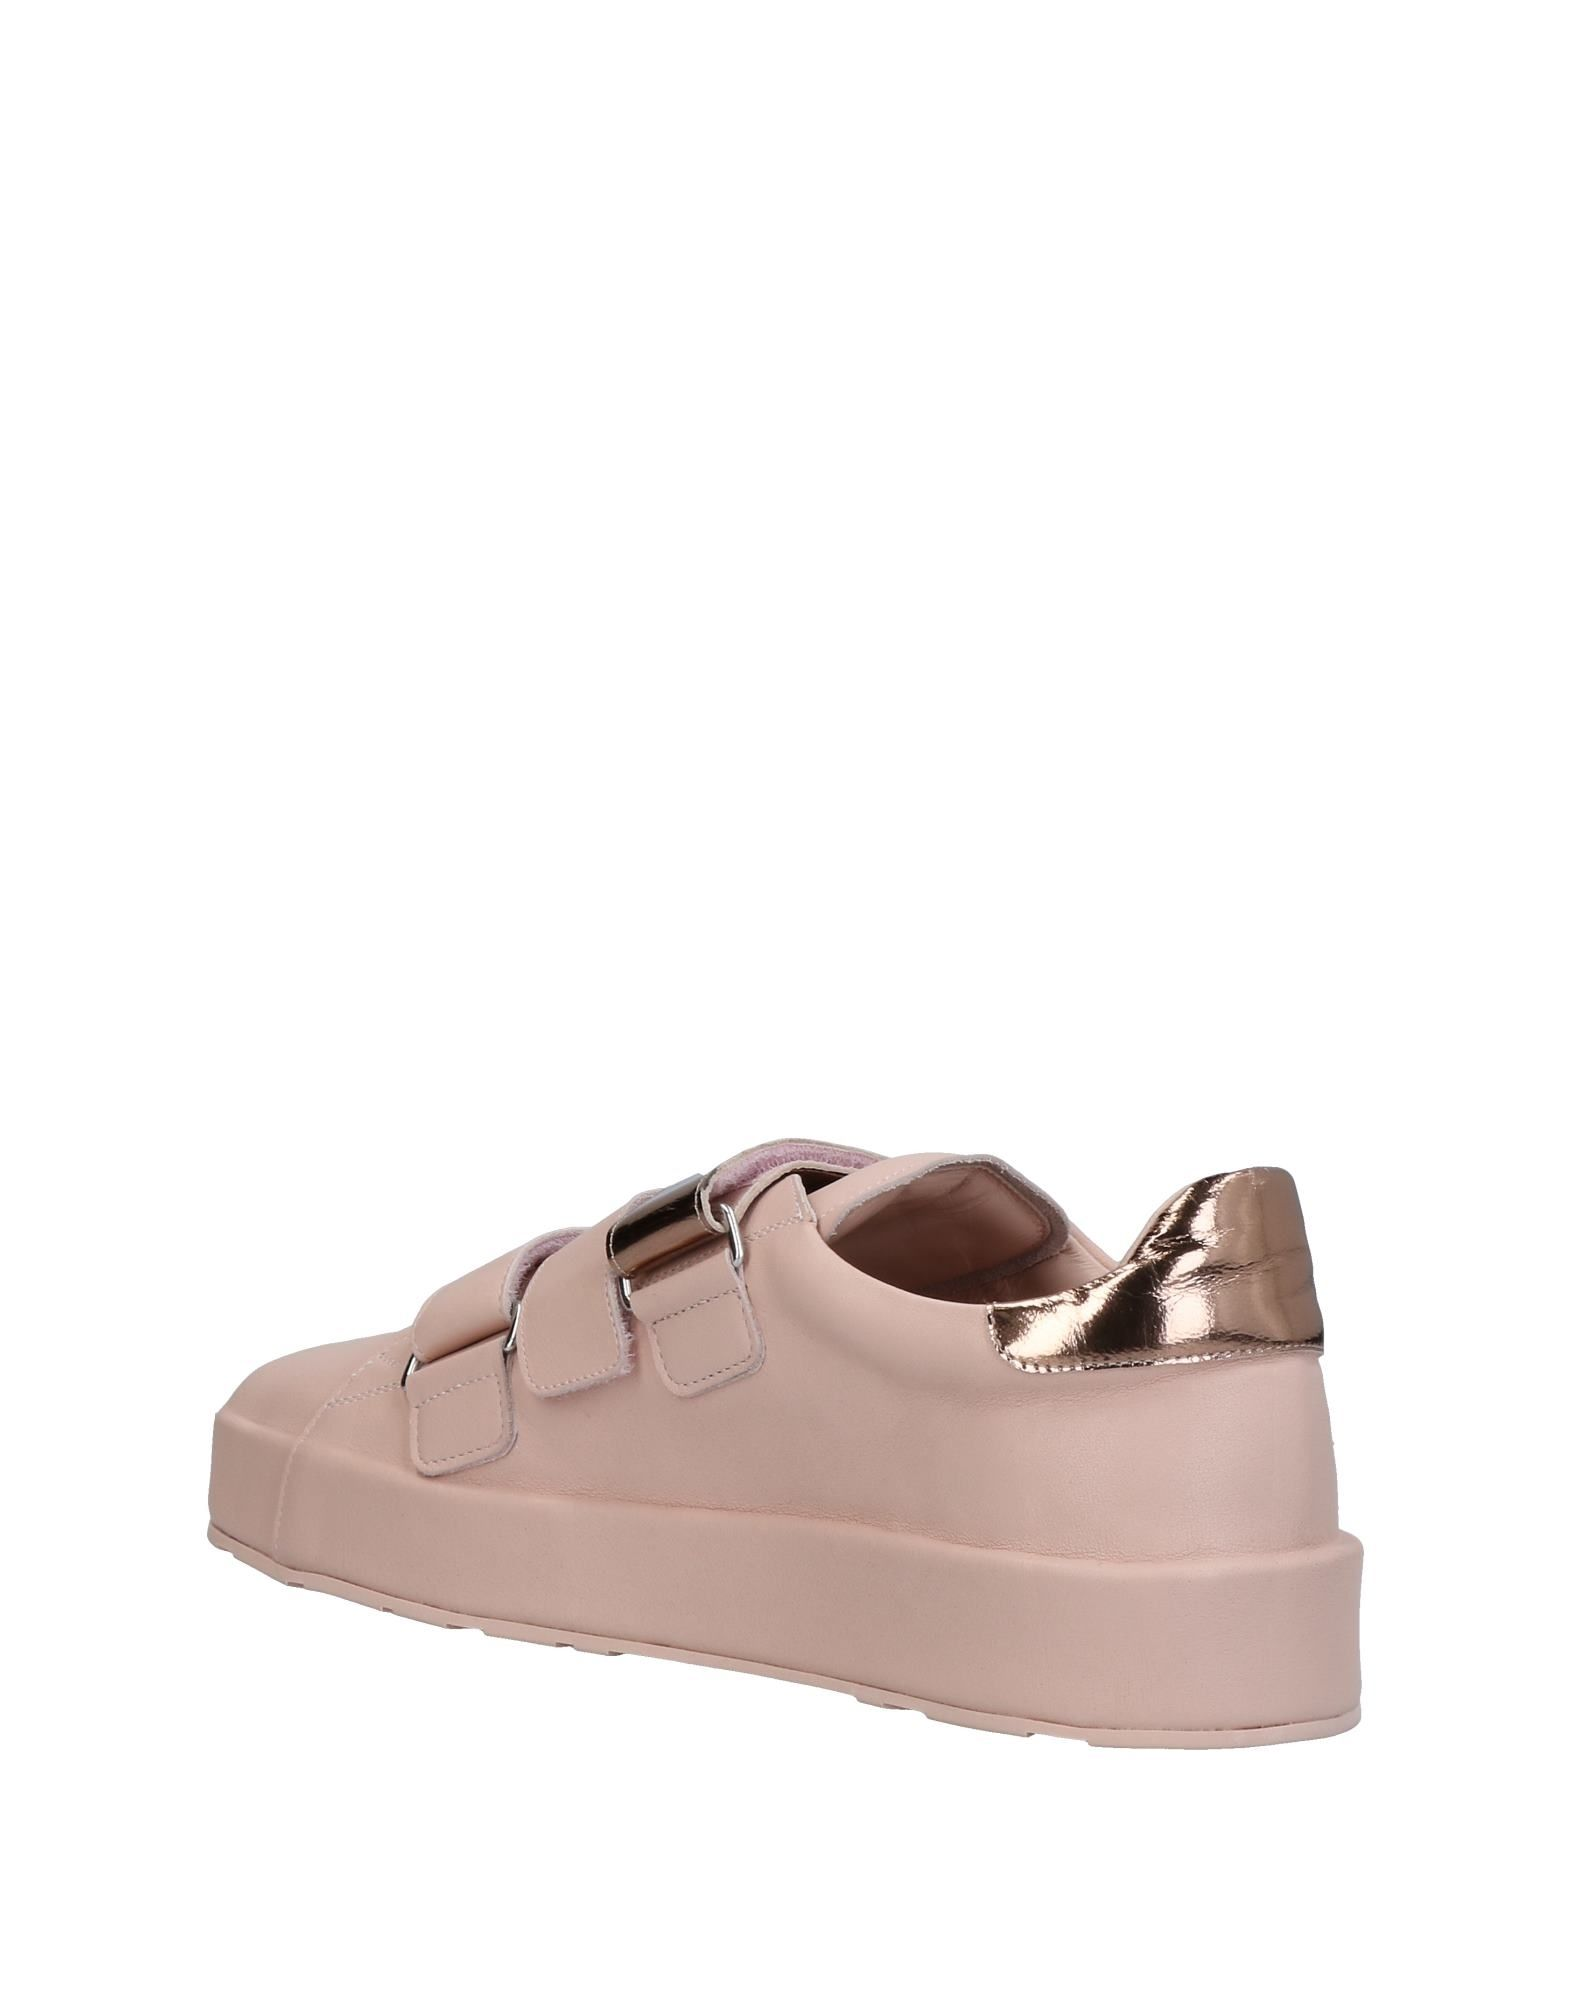 Jil Sander Sneakers - Women Women Women Jil Sander Sneakers online on  Canada - 11424561IF 5ea5a6